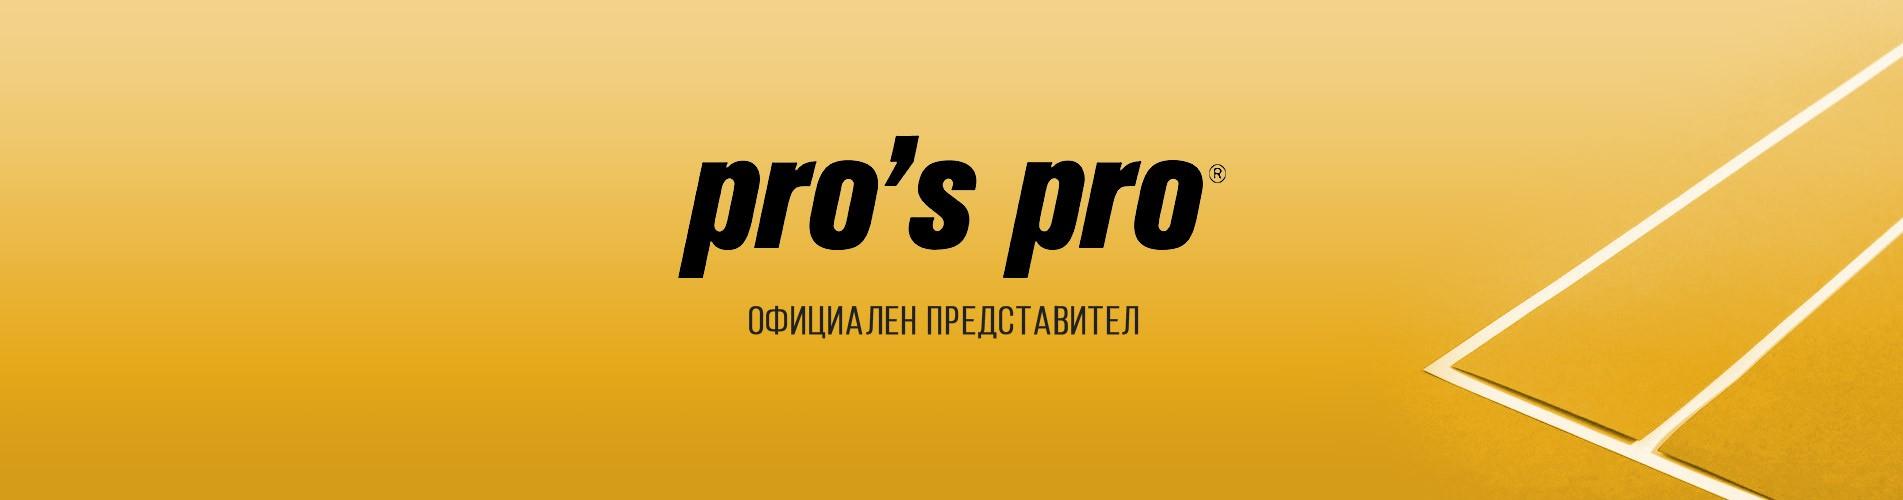 Официален представител на Pro's Pro за България